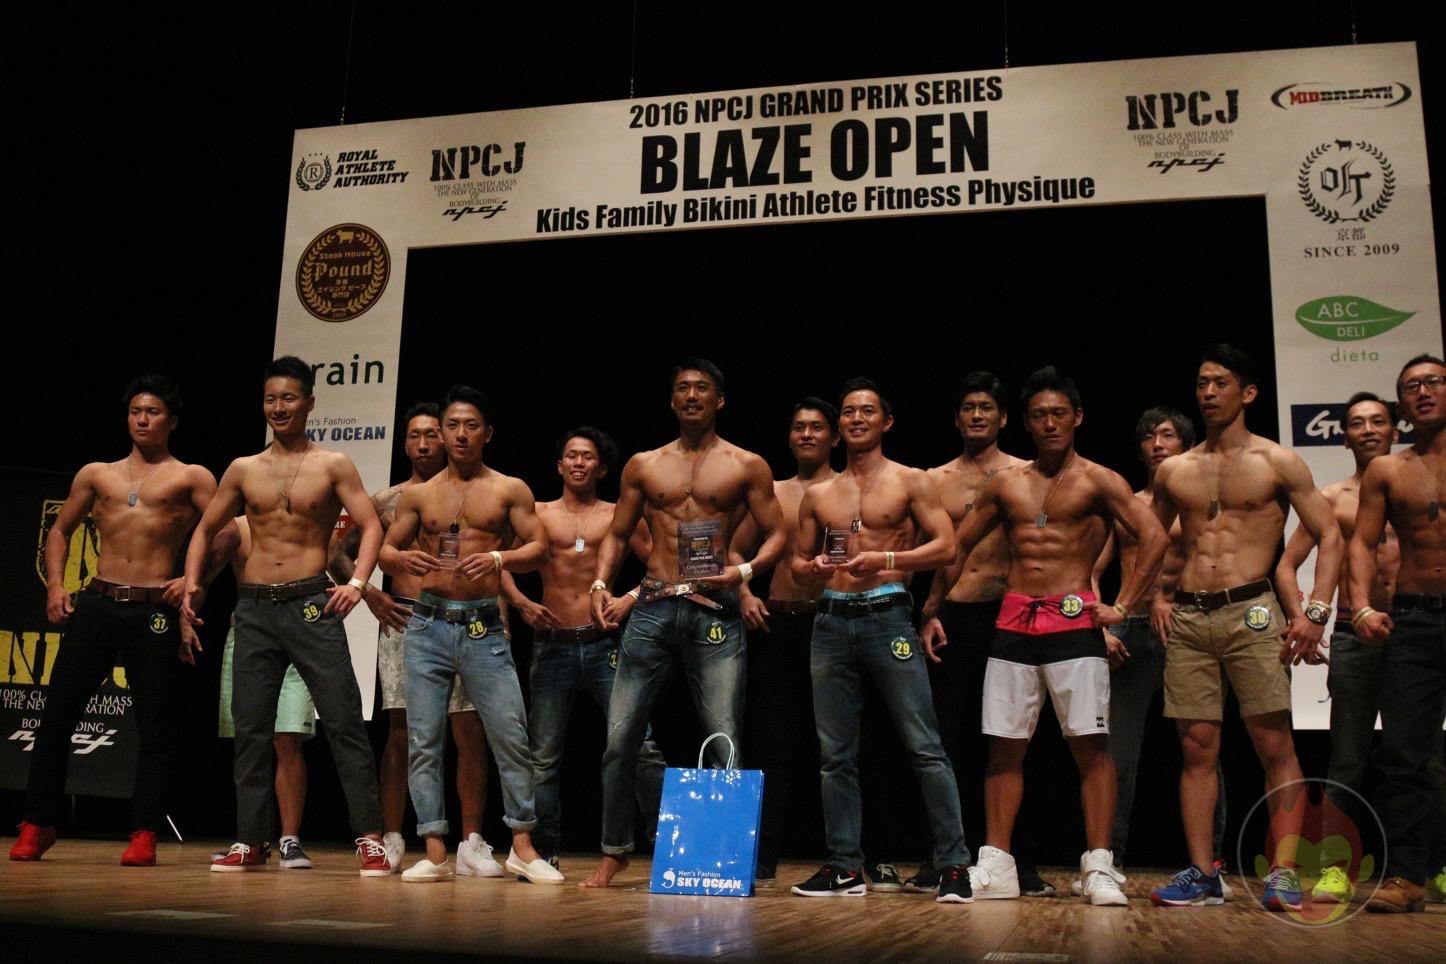 NPCJ Blaze Open Kaneko Ken Winner